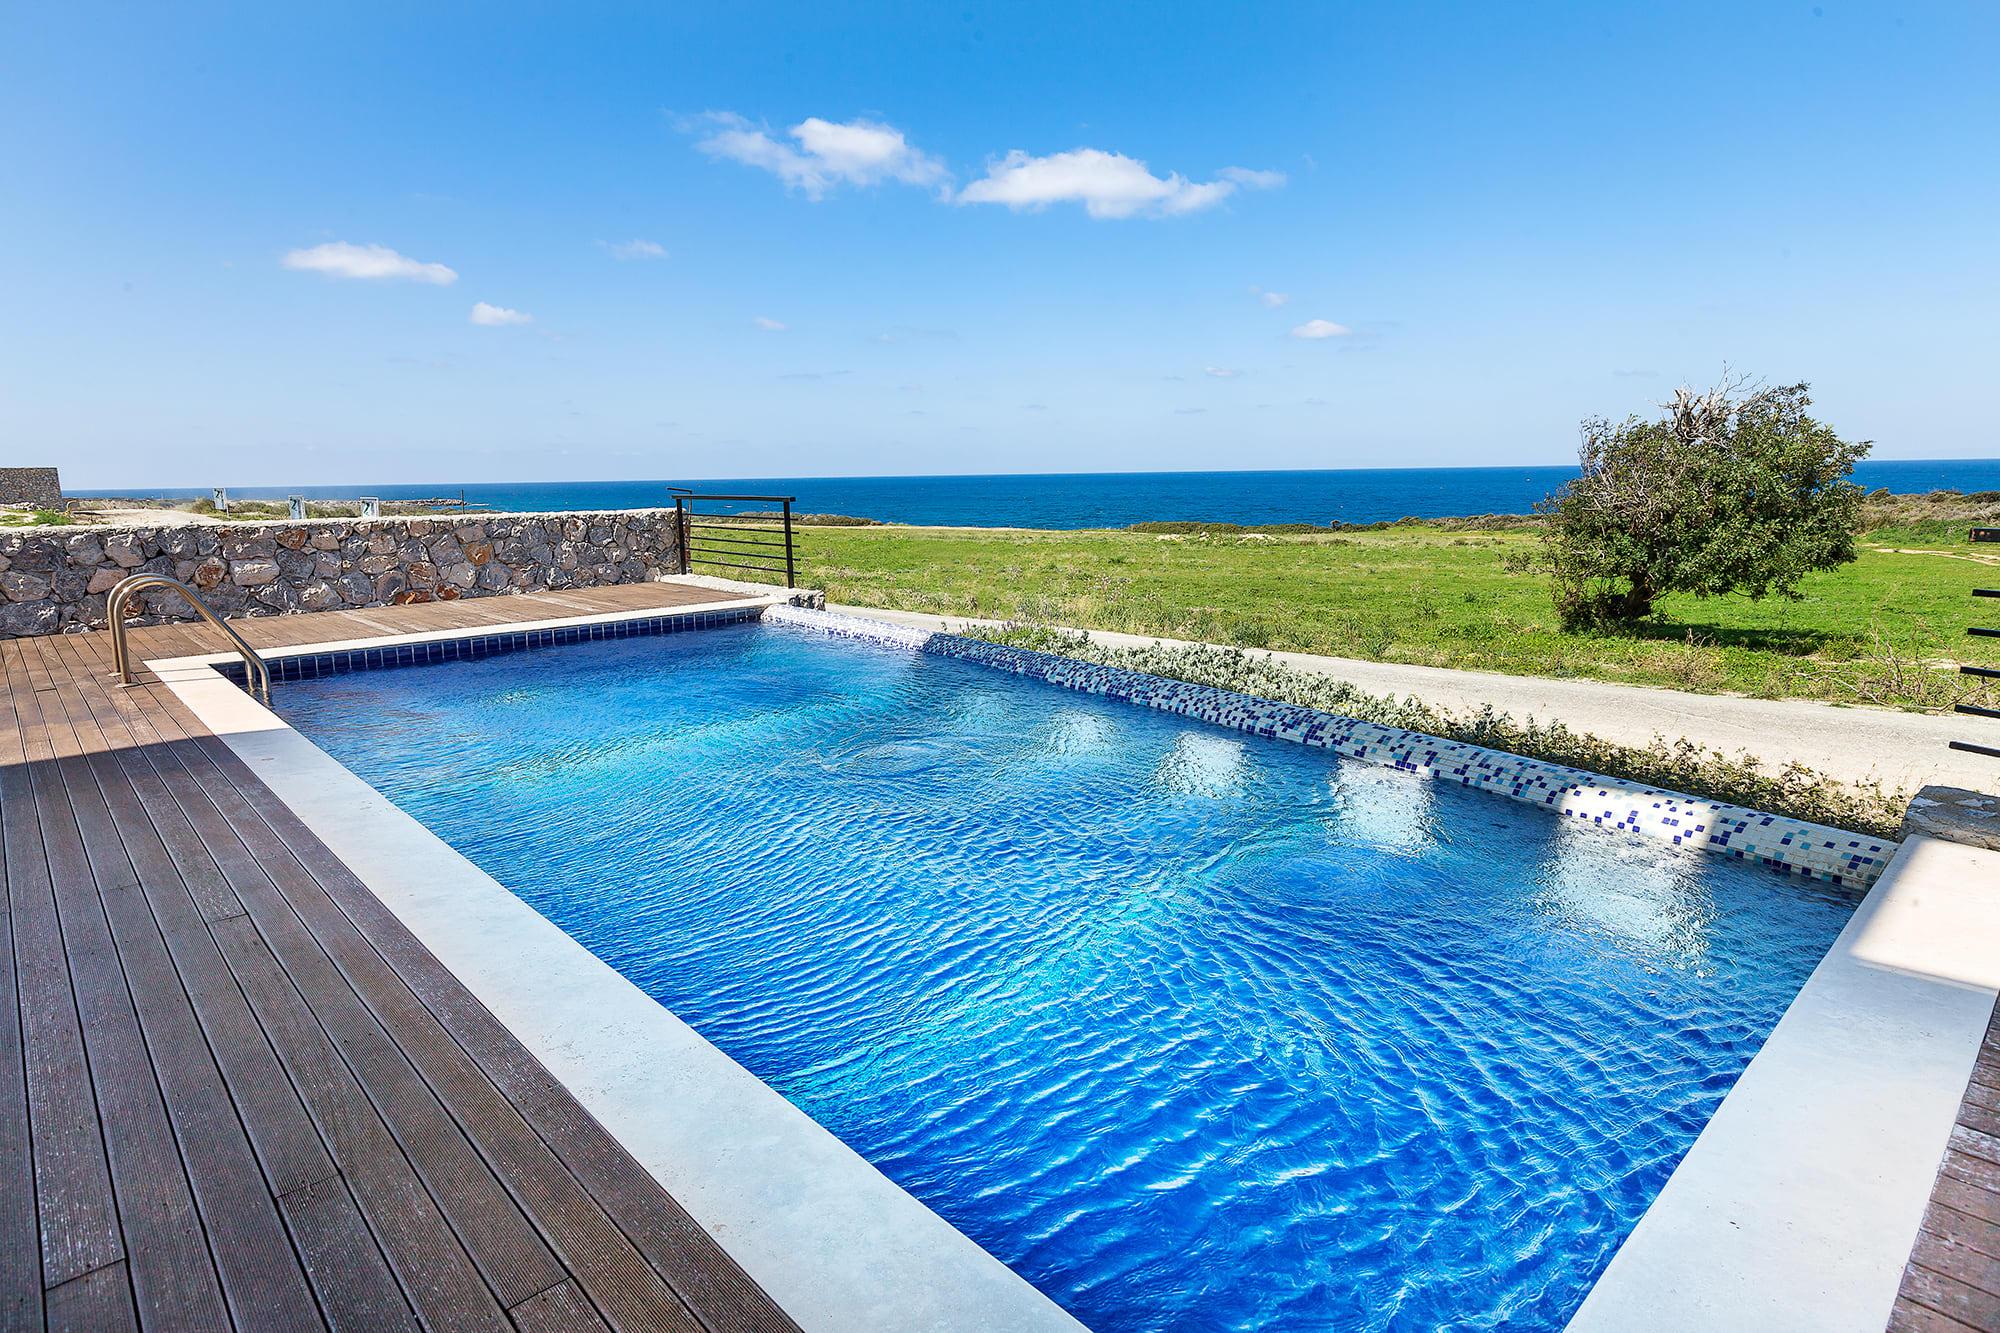 Bahçeli'de Satılık Denize Sıfır 3 Yatak Odalı ve Özel Havuzlu Villalar 9859